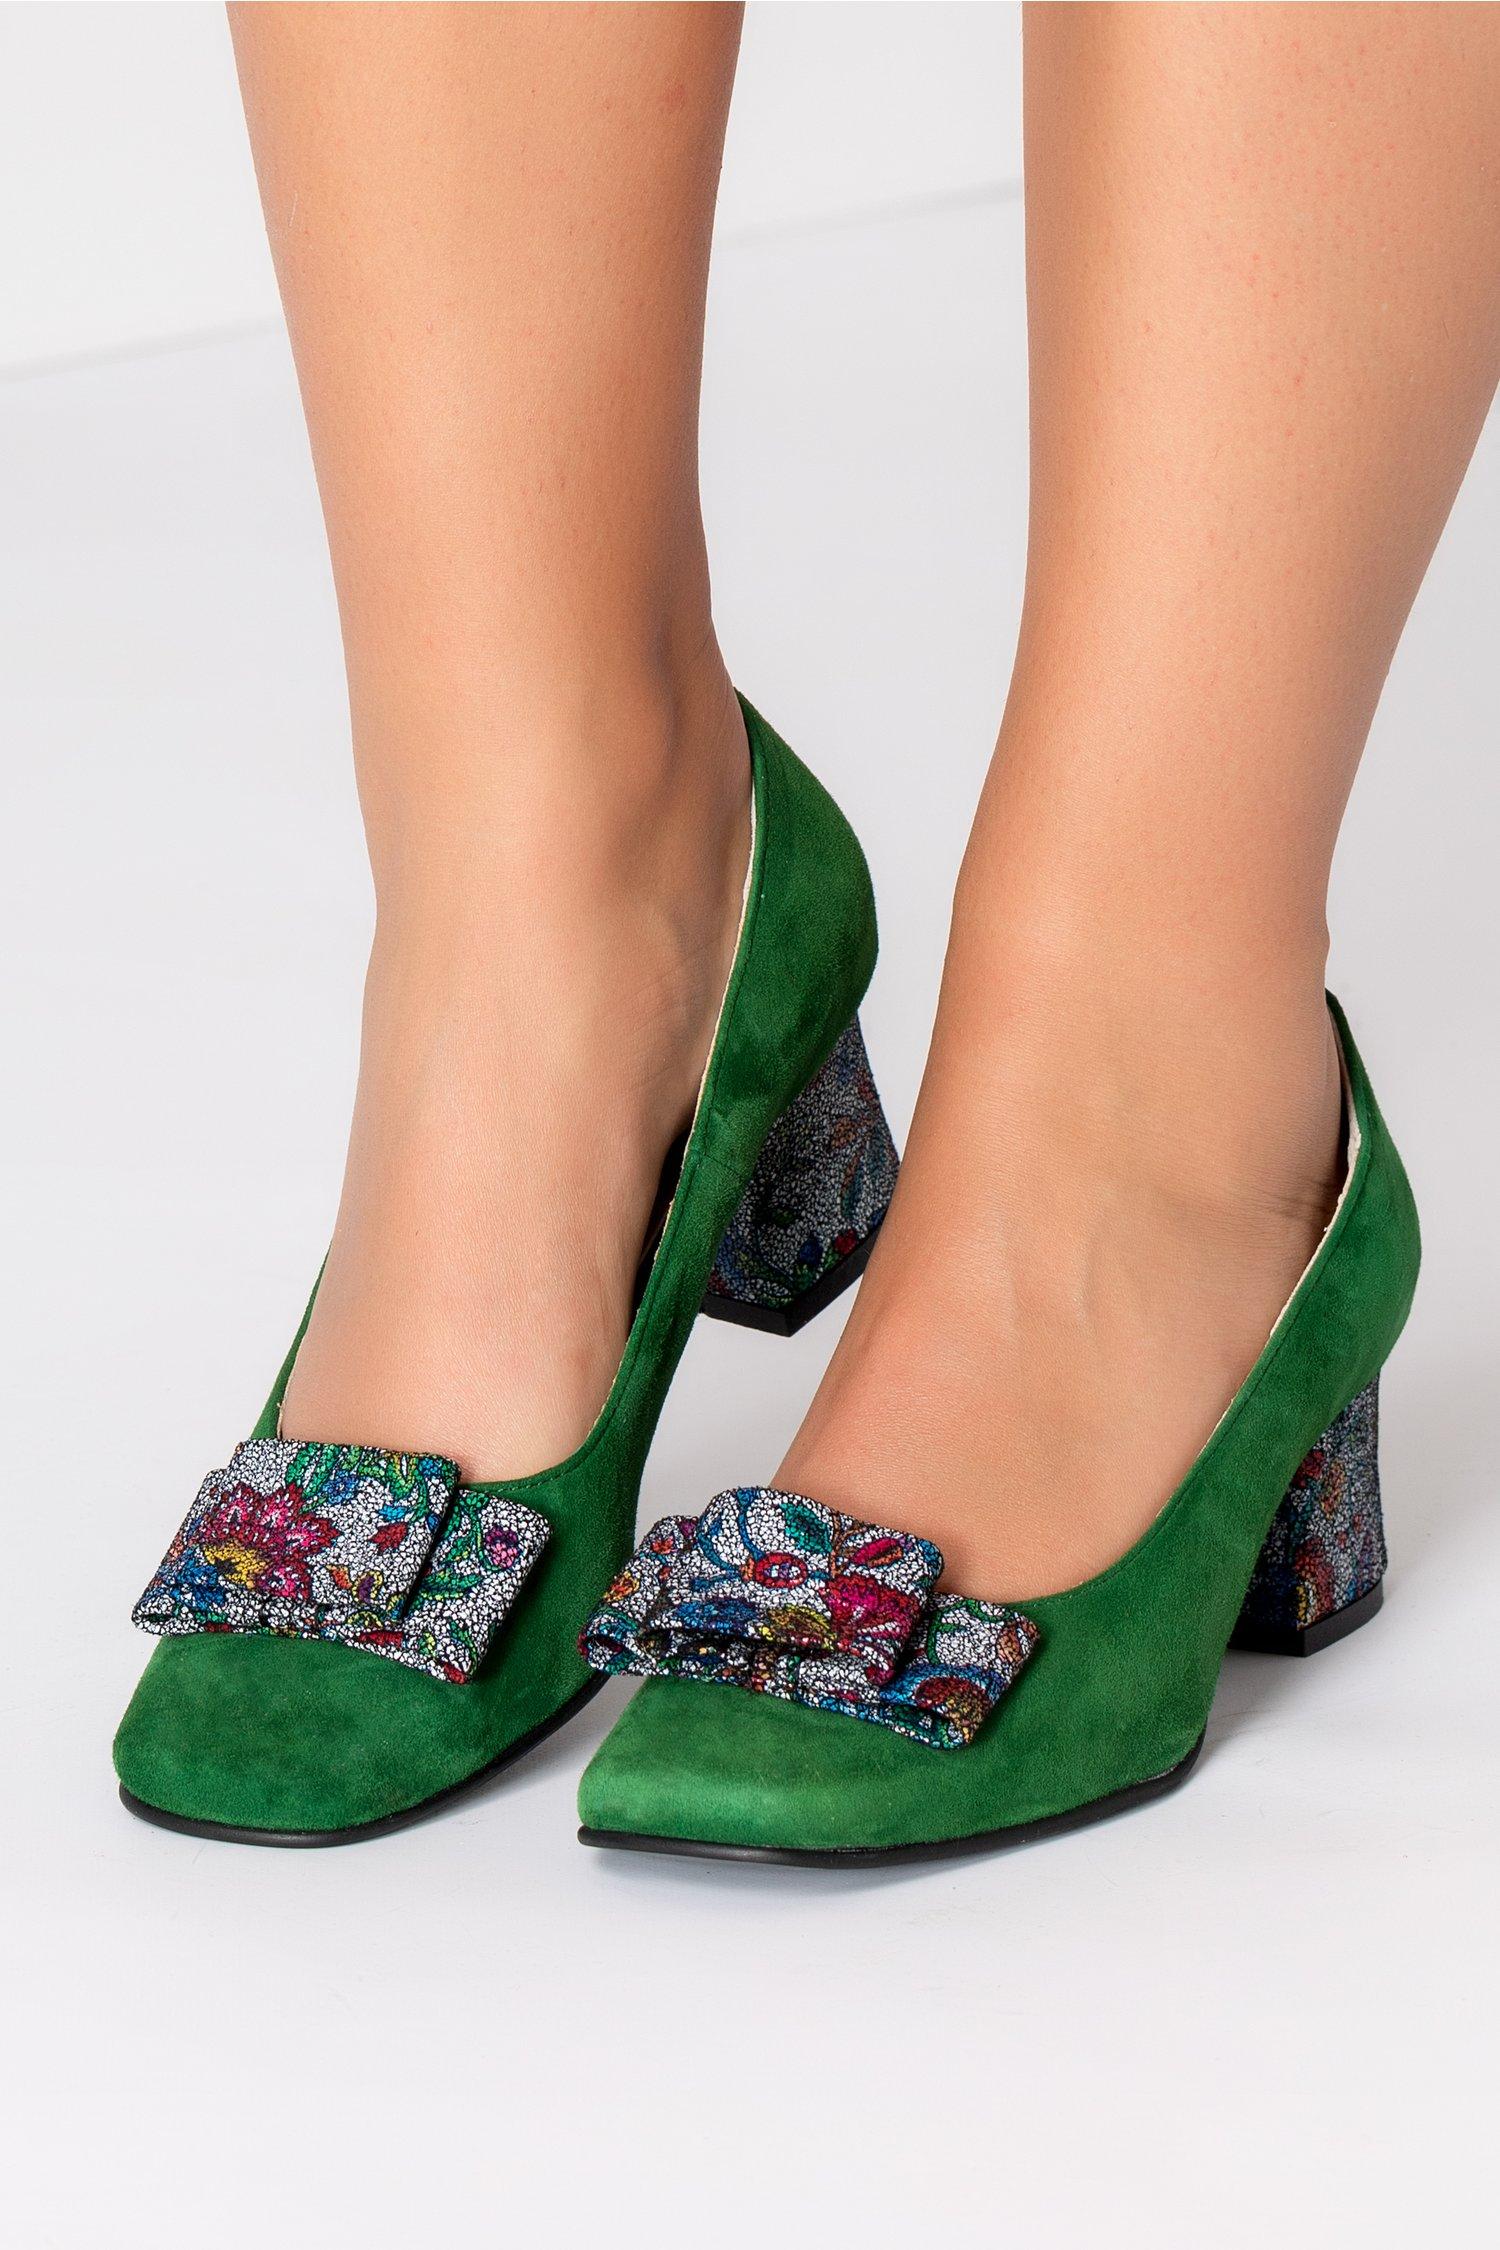 Pantofi dama verzi din piele naturala office cu imprimeu - HaineinTrend.com